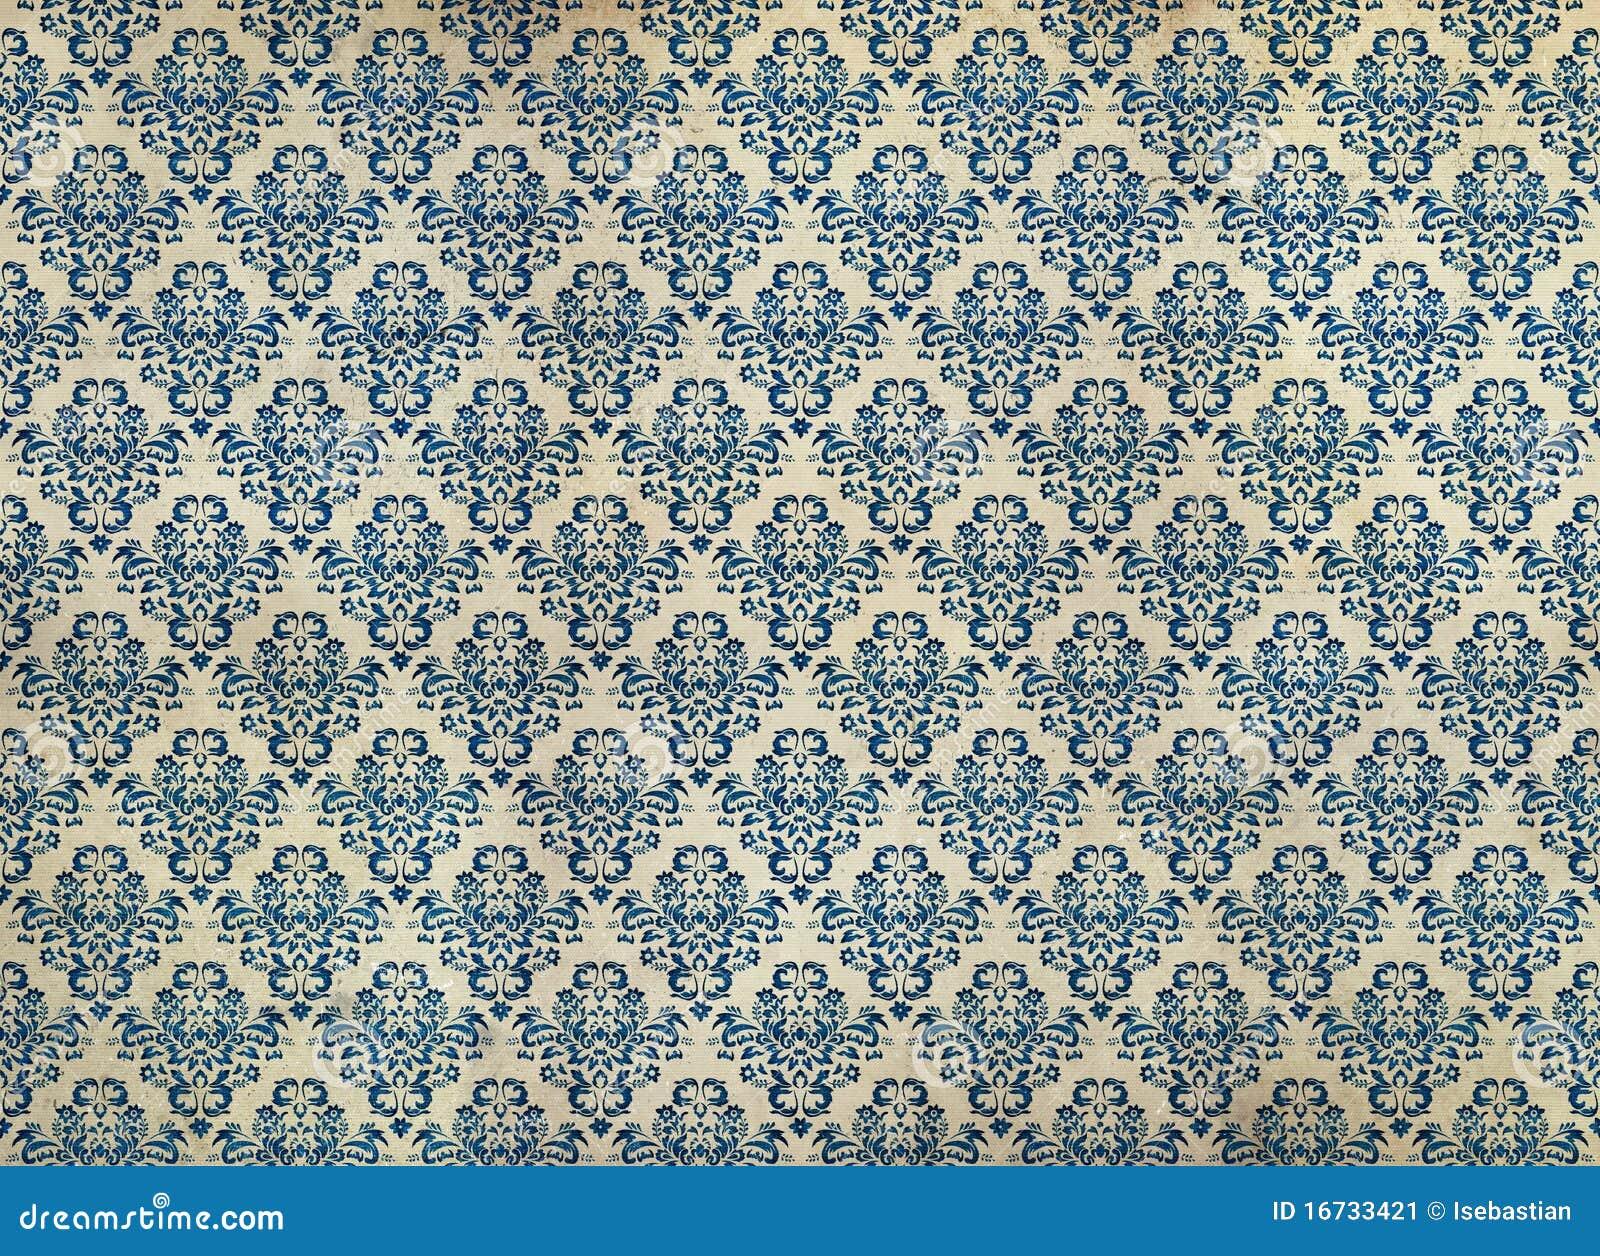 蓝色锦缎困厄的老墙纸